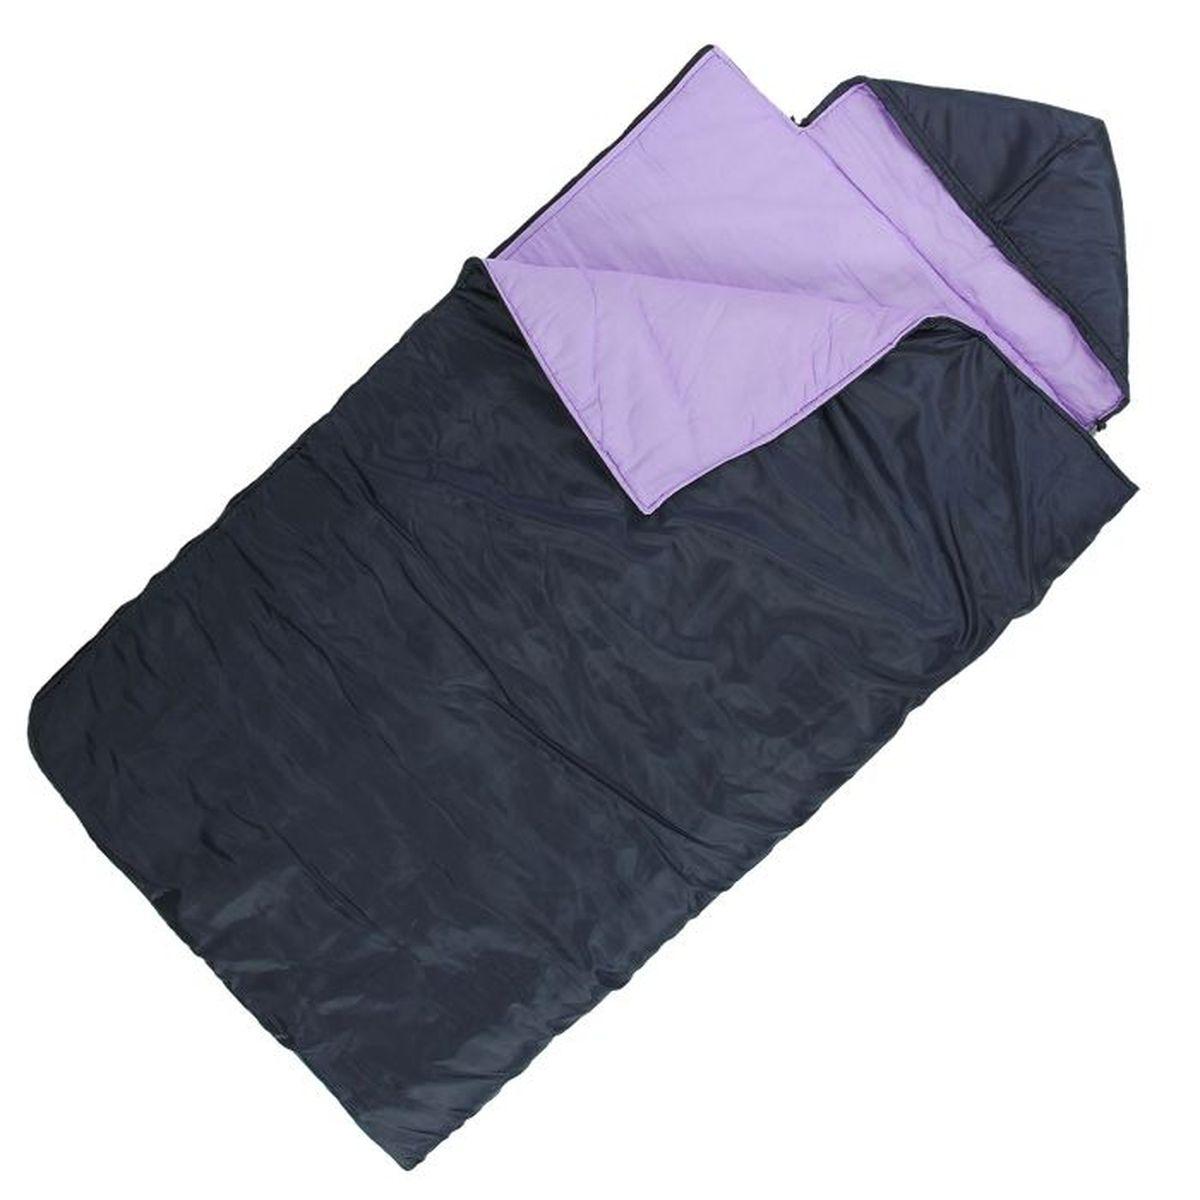 Спальный мешок Onlitop Престиж, увеличенный, цвет: черный, фиолетовый, правосторонняя молния. 1009081010-01199-01Комфортный, просторный и очень теплый 3-х сезонный спальник Onlitop Престиж предназначен для походов и для отдыха на природе не только в летнее время, но и в прохладные дни весенне-осеннего периода. В теплое время спальный мешок можно использовать как одеяло (в том числе и дома).Он выполнен из качественных материалов - синтепона, хлопка, ситца и полиэстера, которые обладают достойными теплоизоляционными характеристиками, и чрезвычайно прочны, что делает спальный мешок очень долговечным. Длина мешка - 2,25 м, его ширина - 1 м, это позволяет разместиться в нём человеку практически любой комплекции. Этому спальнику всегда найдется применение среди любителей активного отдыха, а места в сложенном виде он занимает мало.